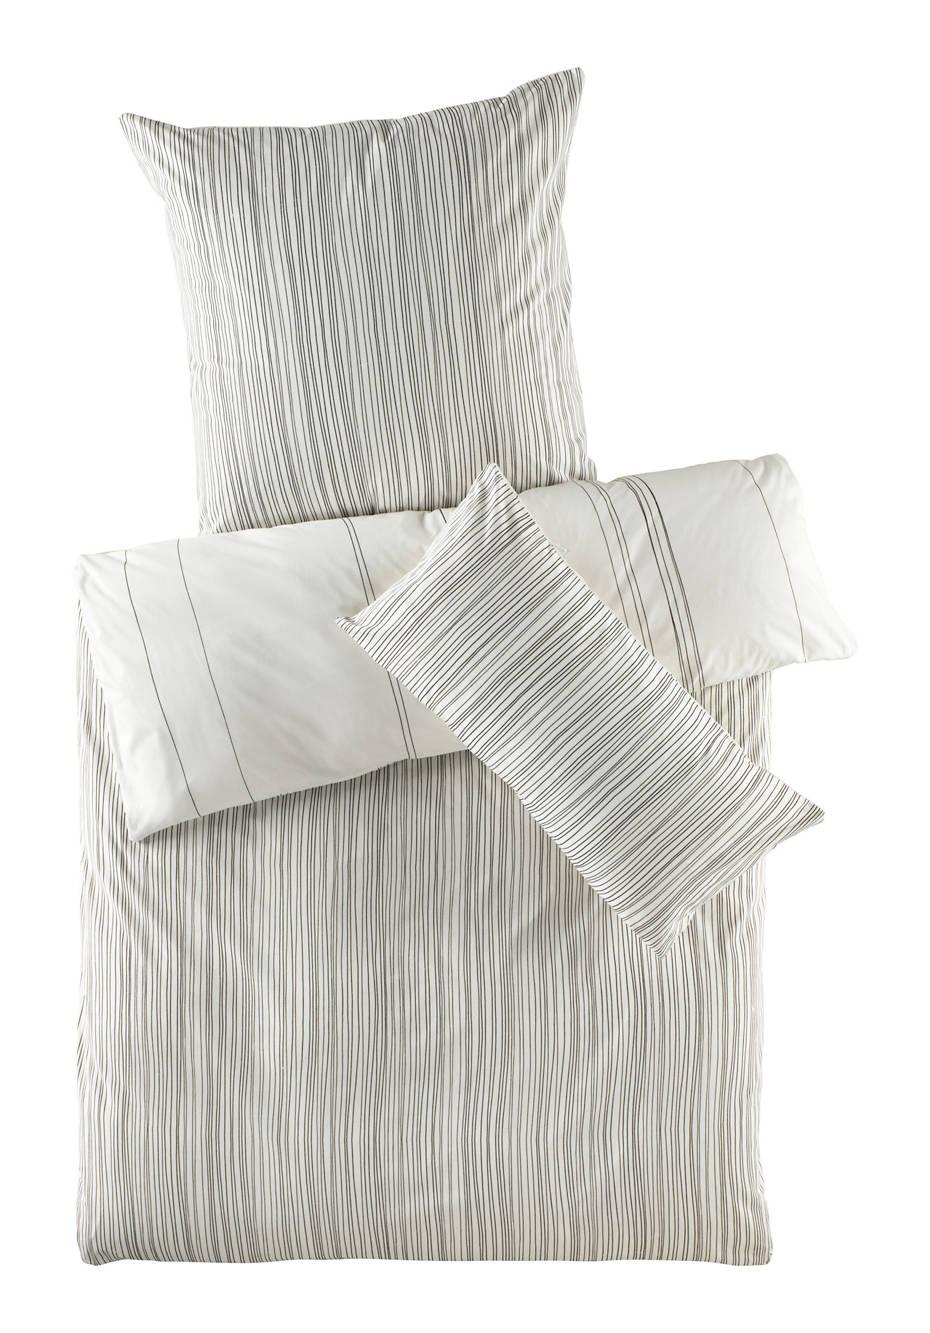 Renforcé-Wendebettwäsche Kokon aus reiner Bio-Baumwolle